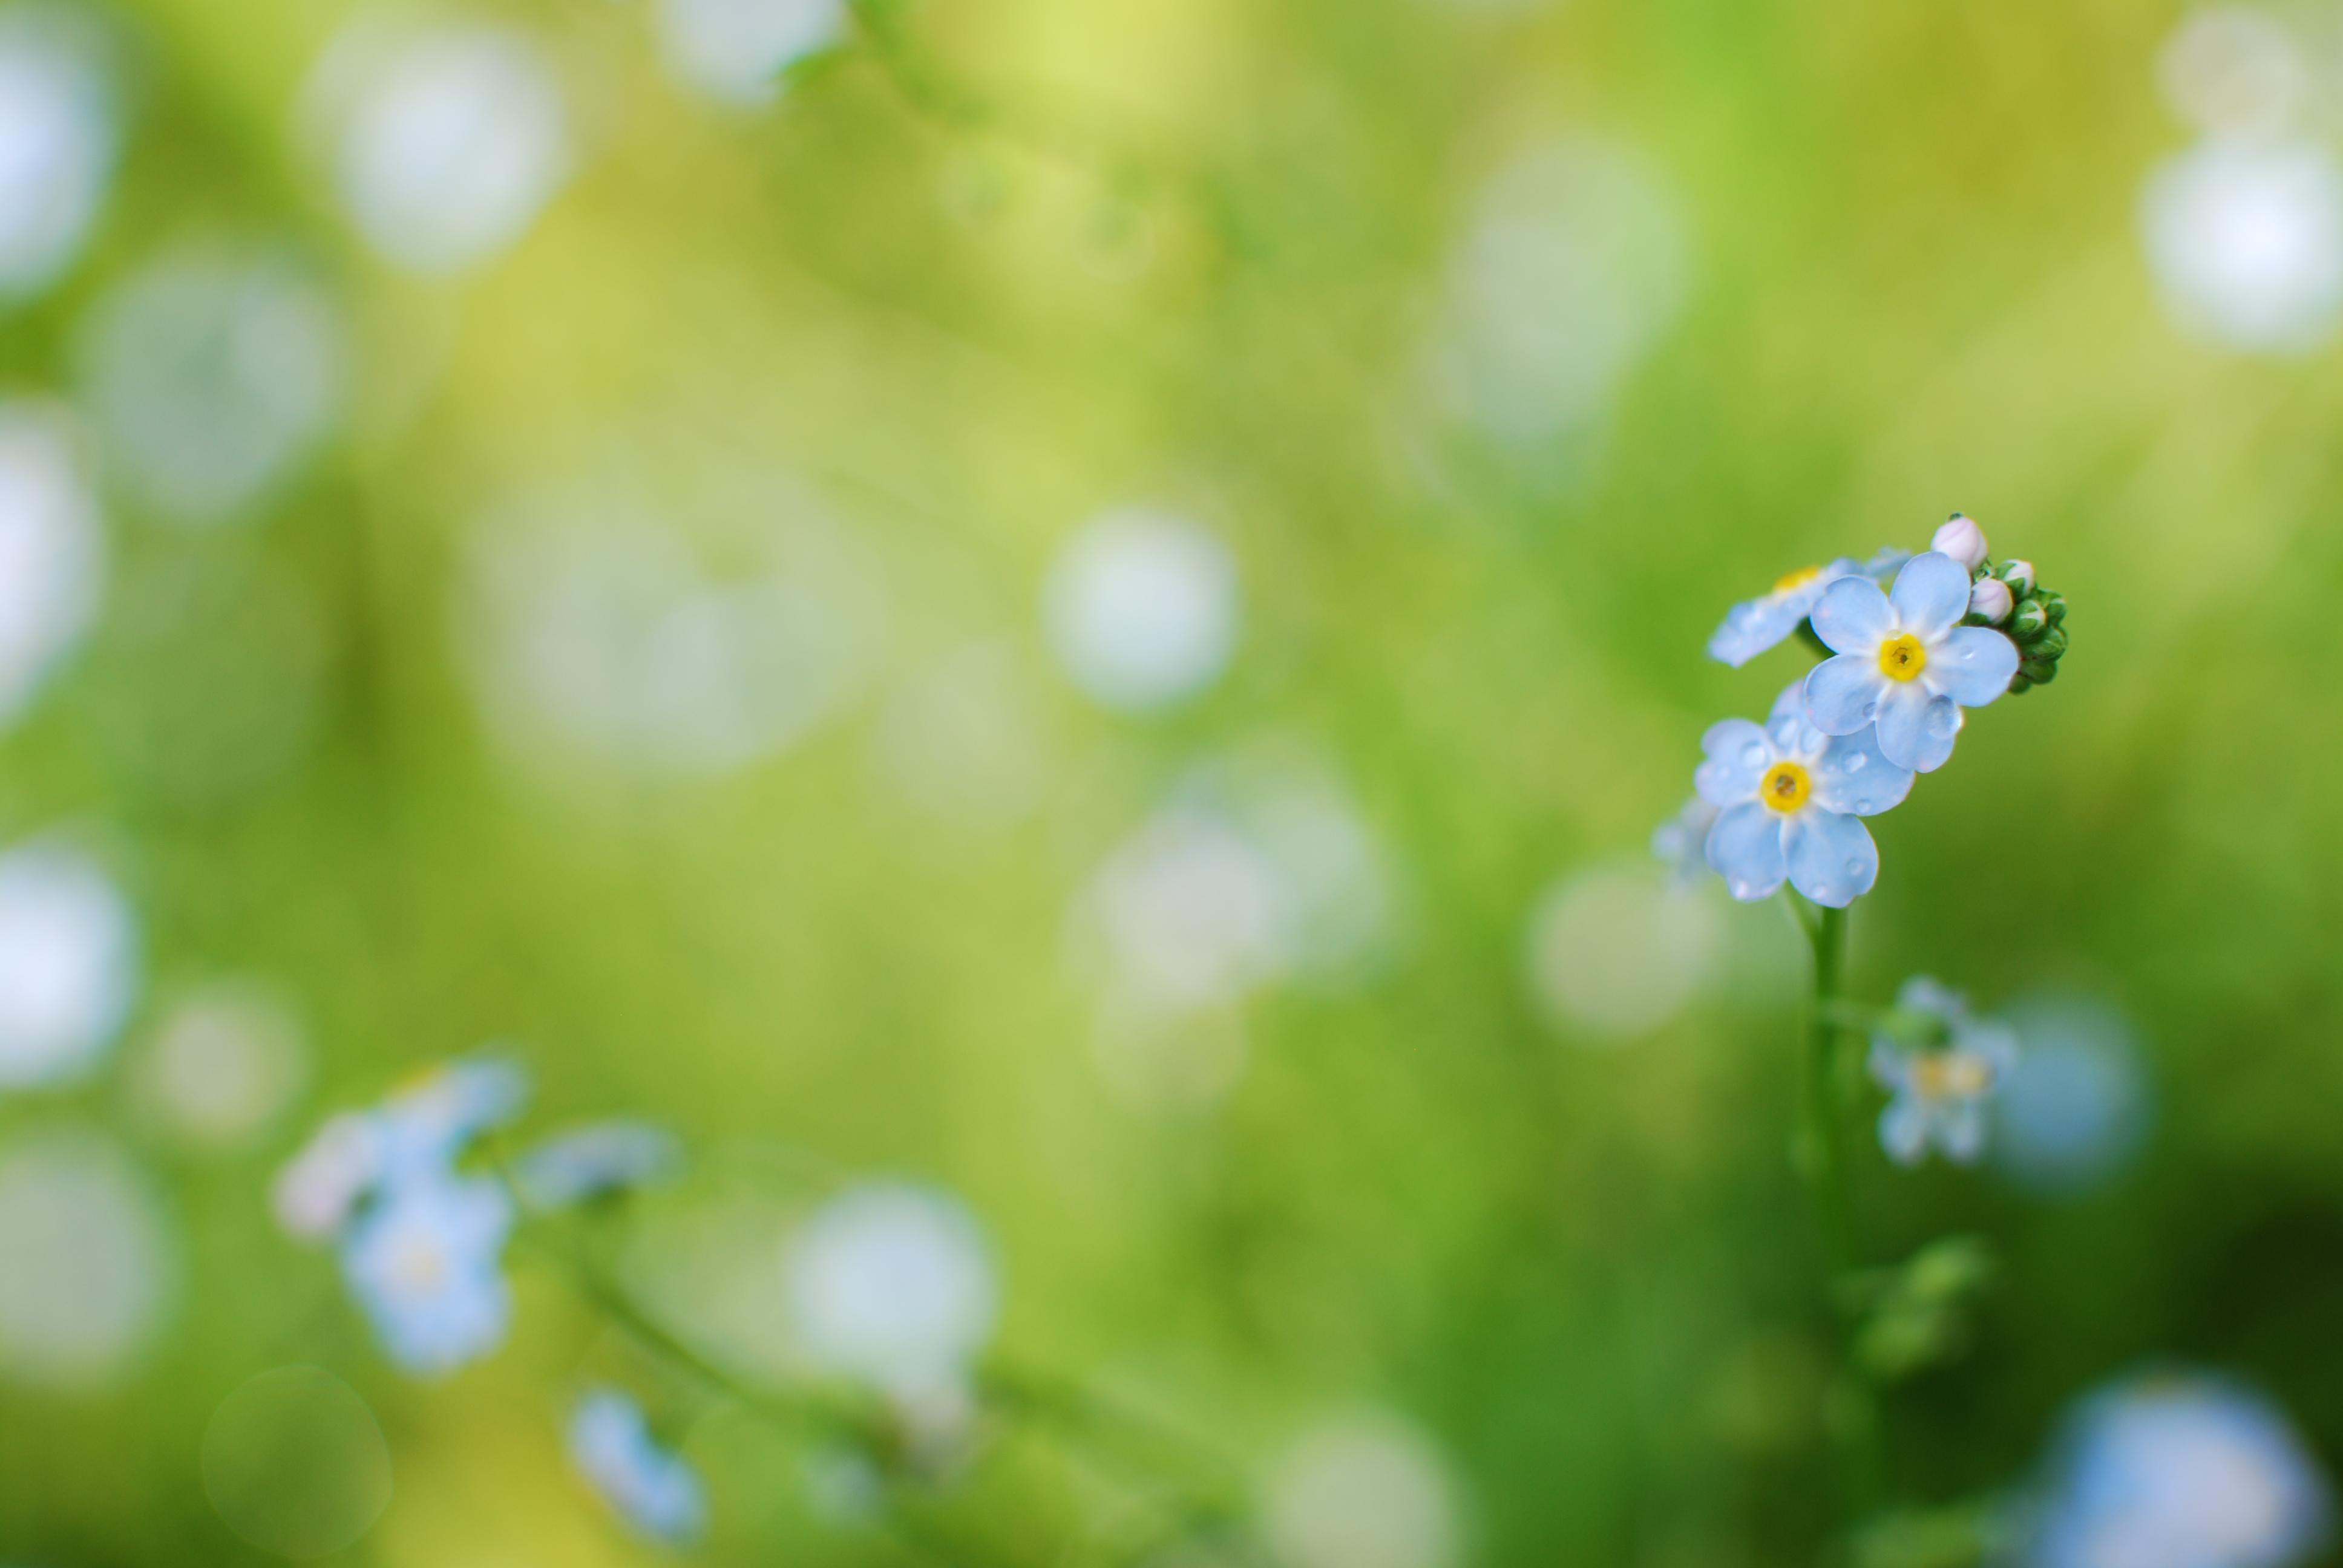 Цветок капли размытость бесплатно